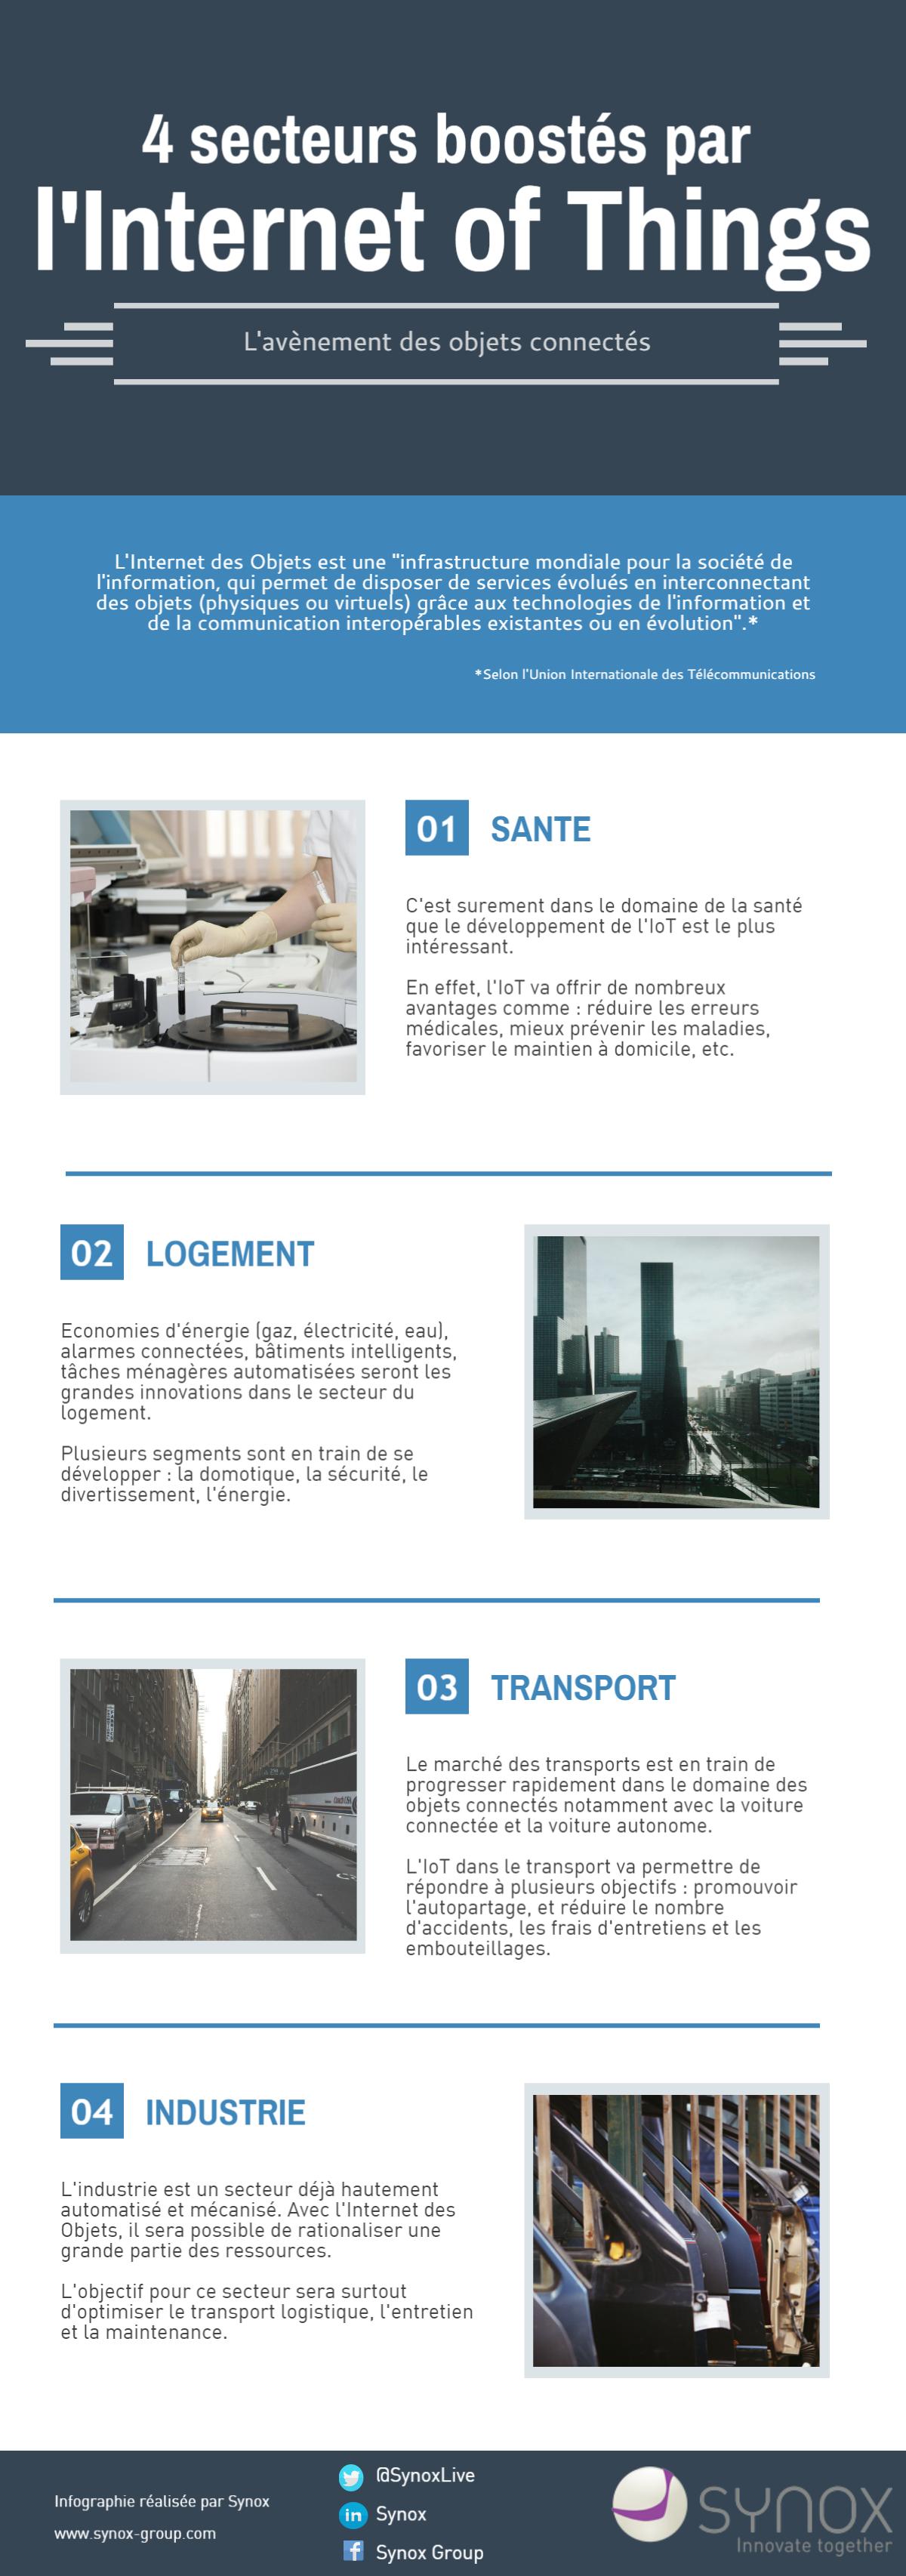 l 39 internet des objets iot boostent 4 secteurs en particulier l 39 industrie le logement la. Black Bedroom Furniture Sets. Home Design Ideas